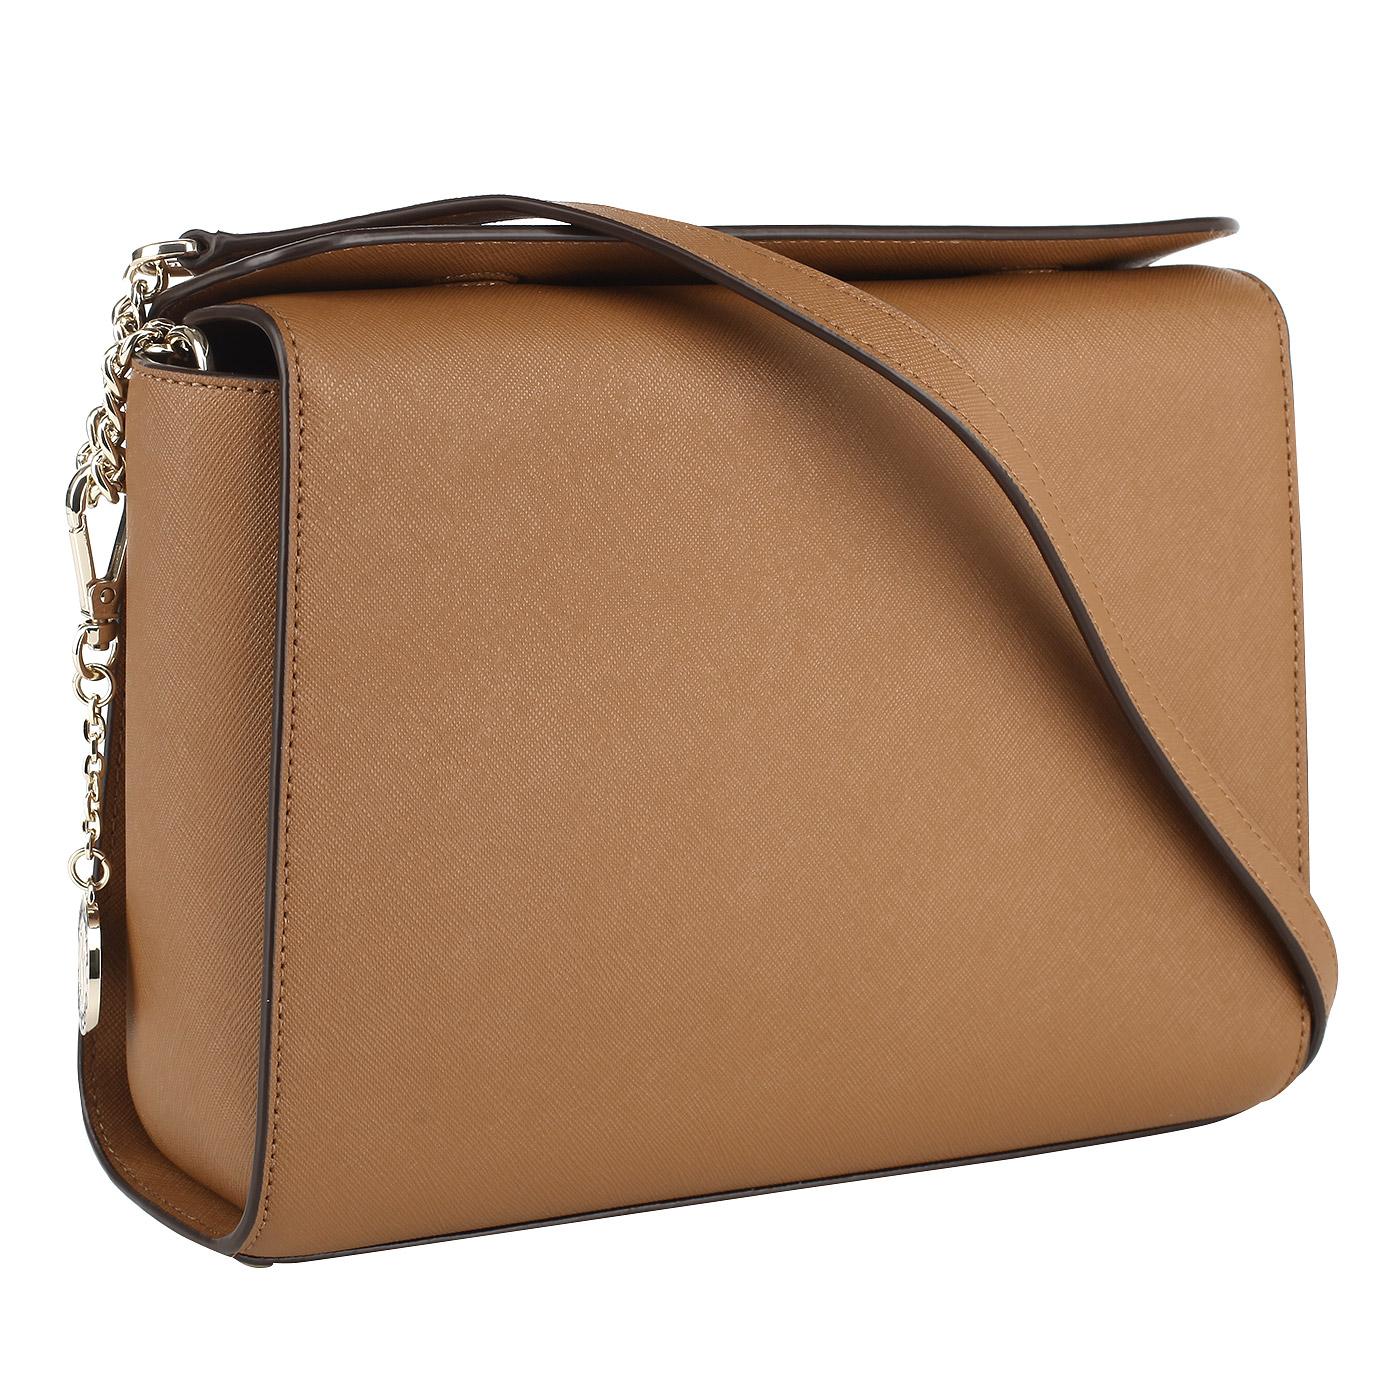 5a3ae9cab784 Женская сумка из натуральной сафьяновой кожи DKNY Saffiano R3101029 ...